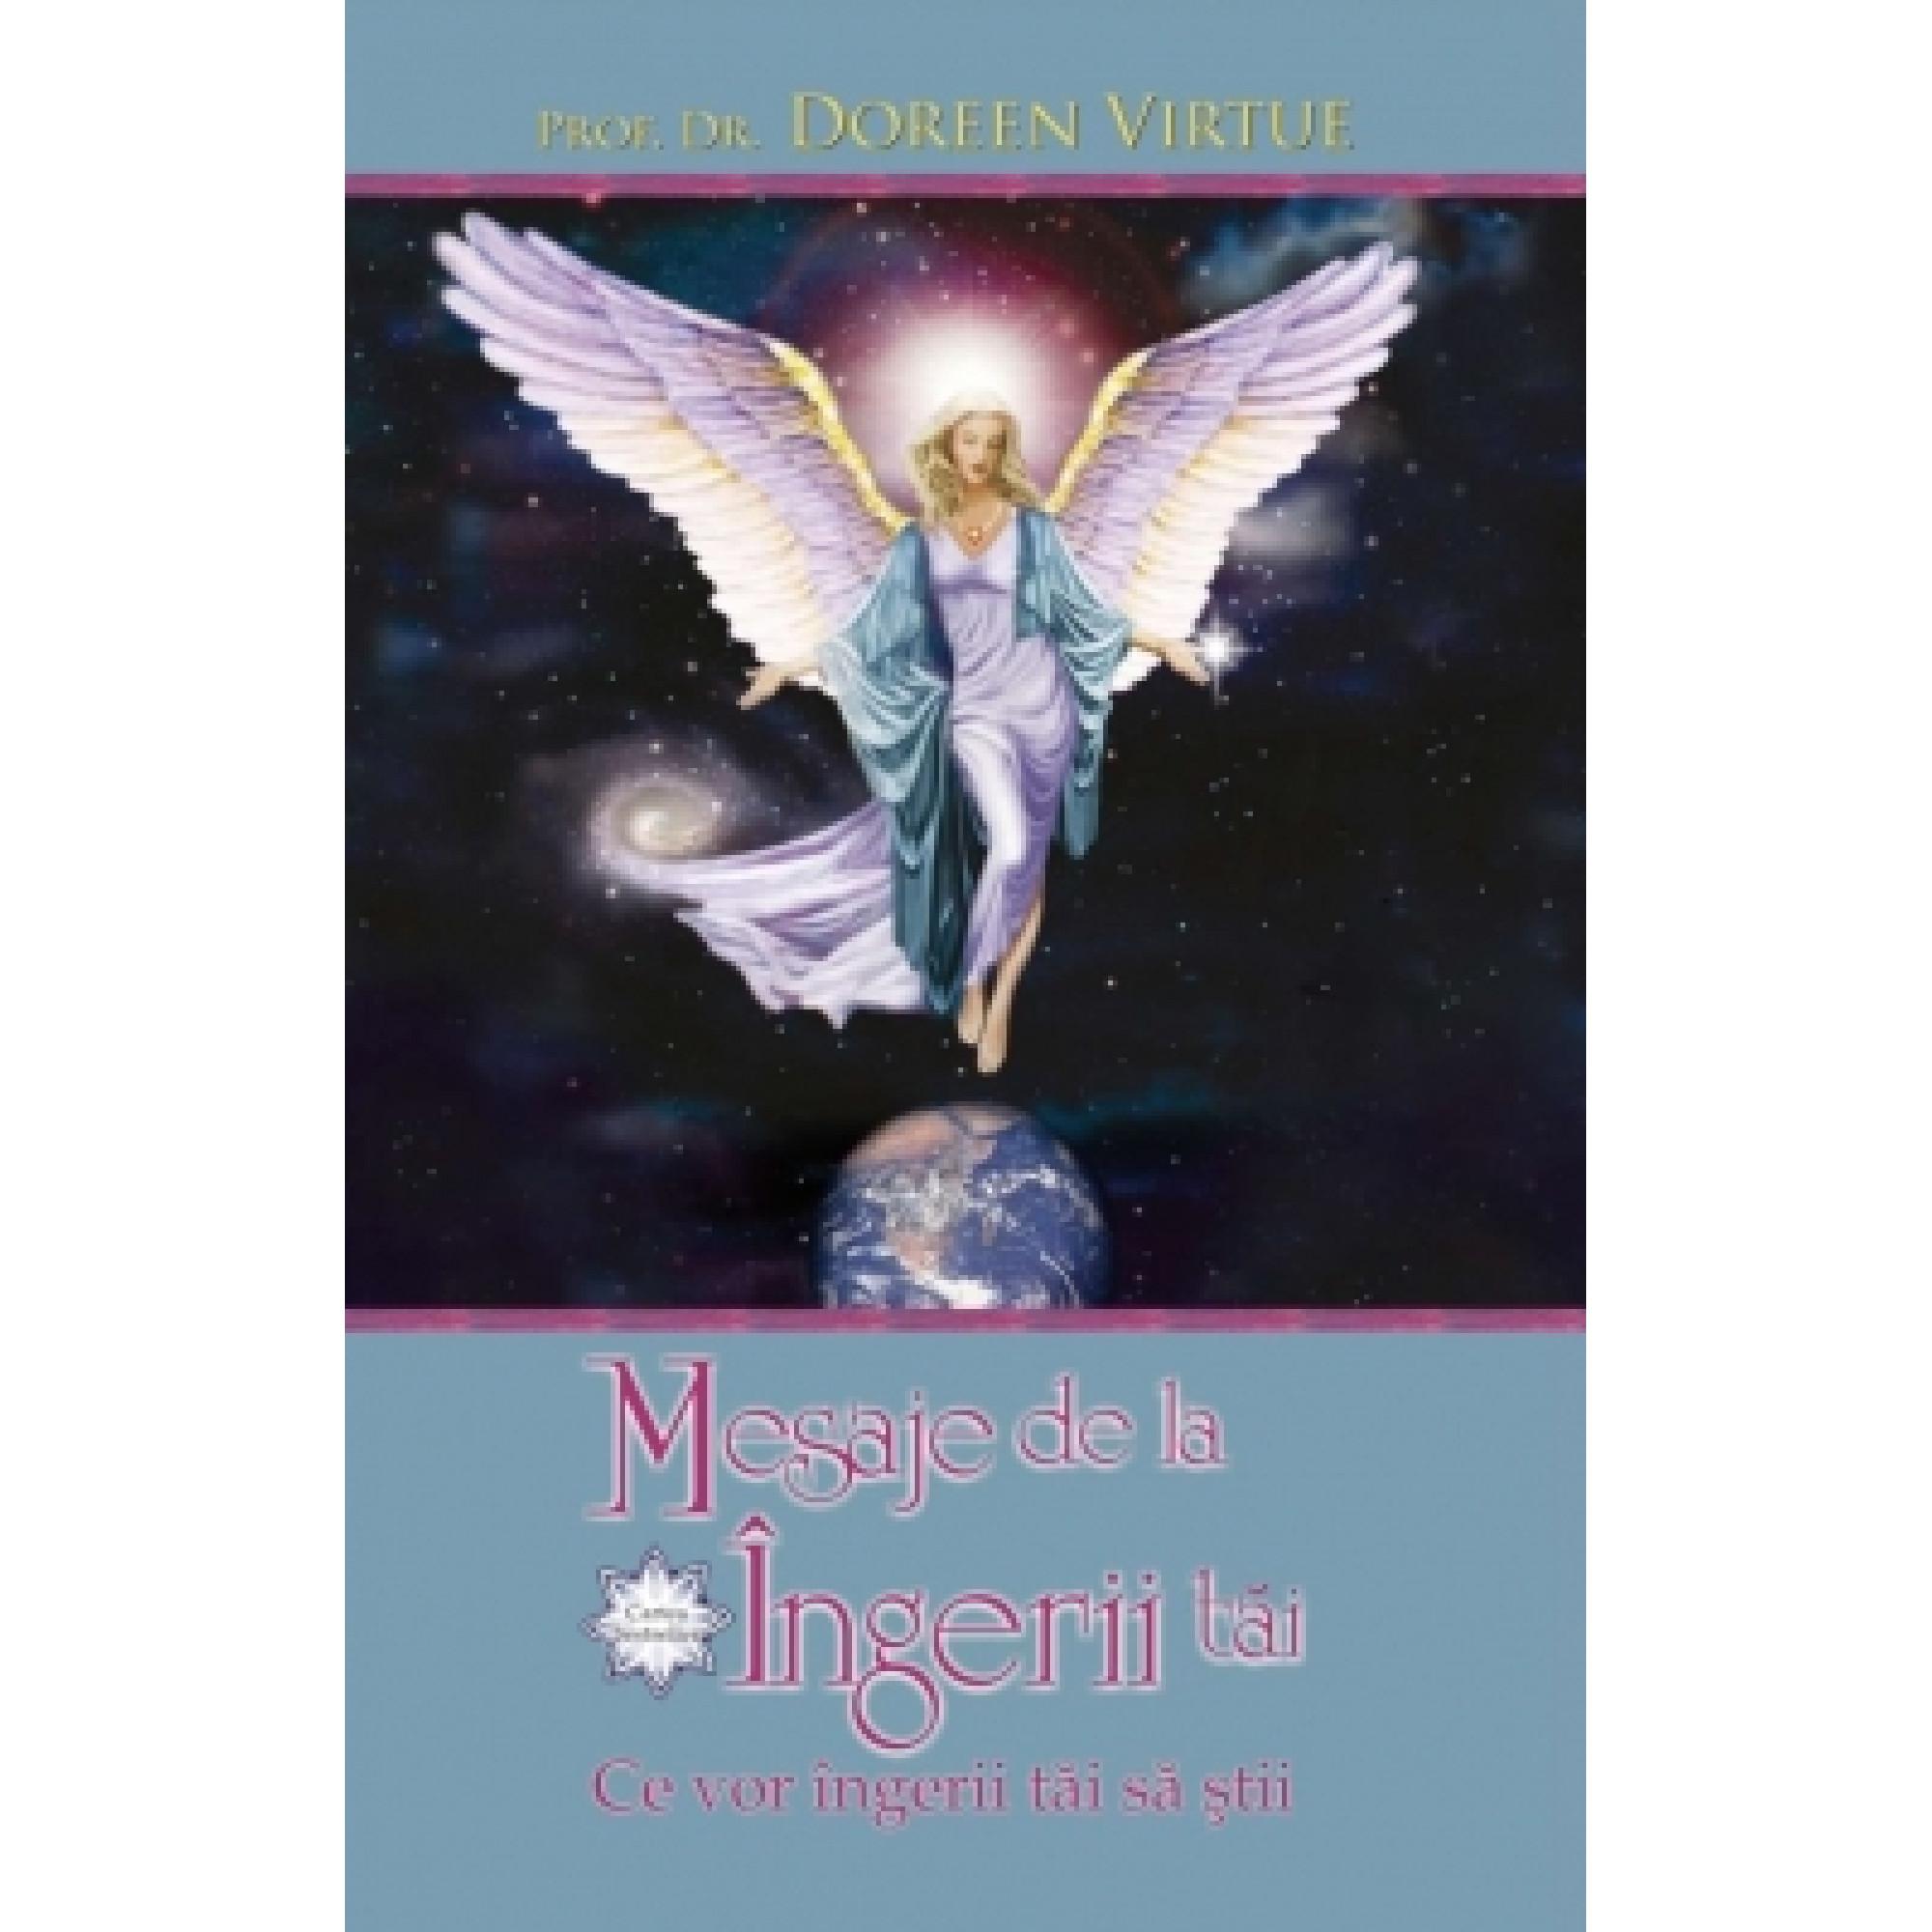 Mesaje de la îngerii tăi; Doreen Virtue